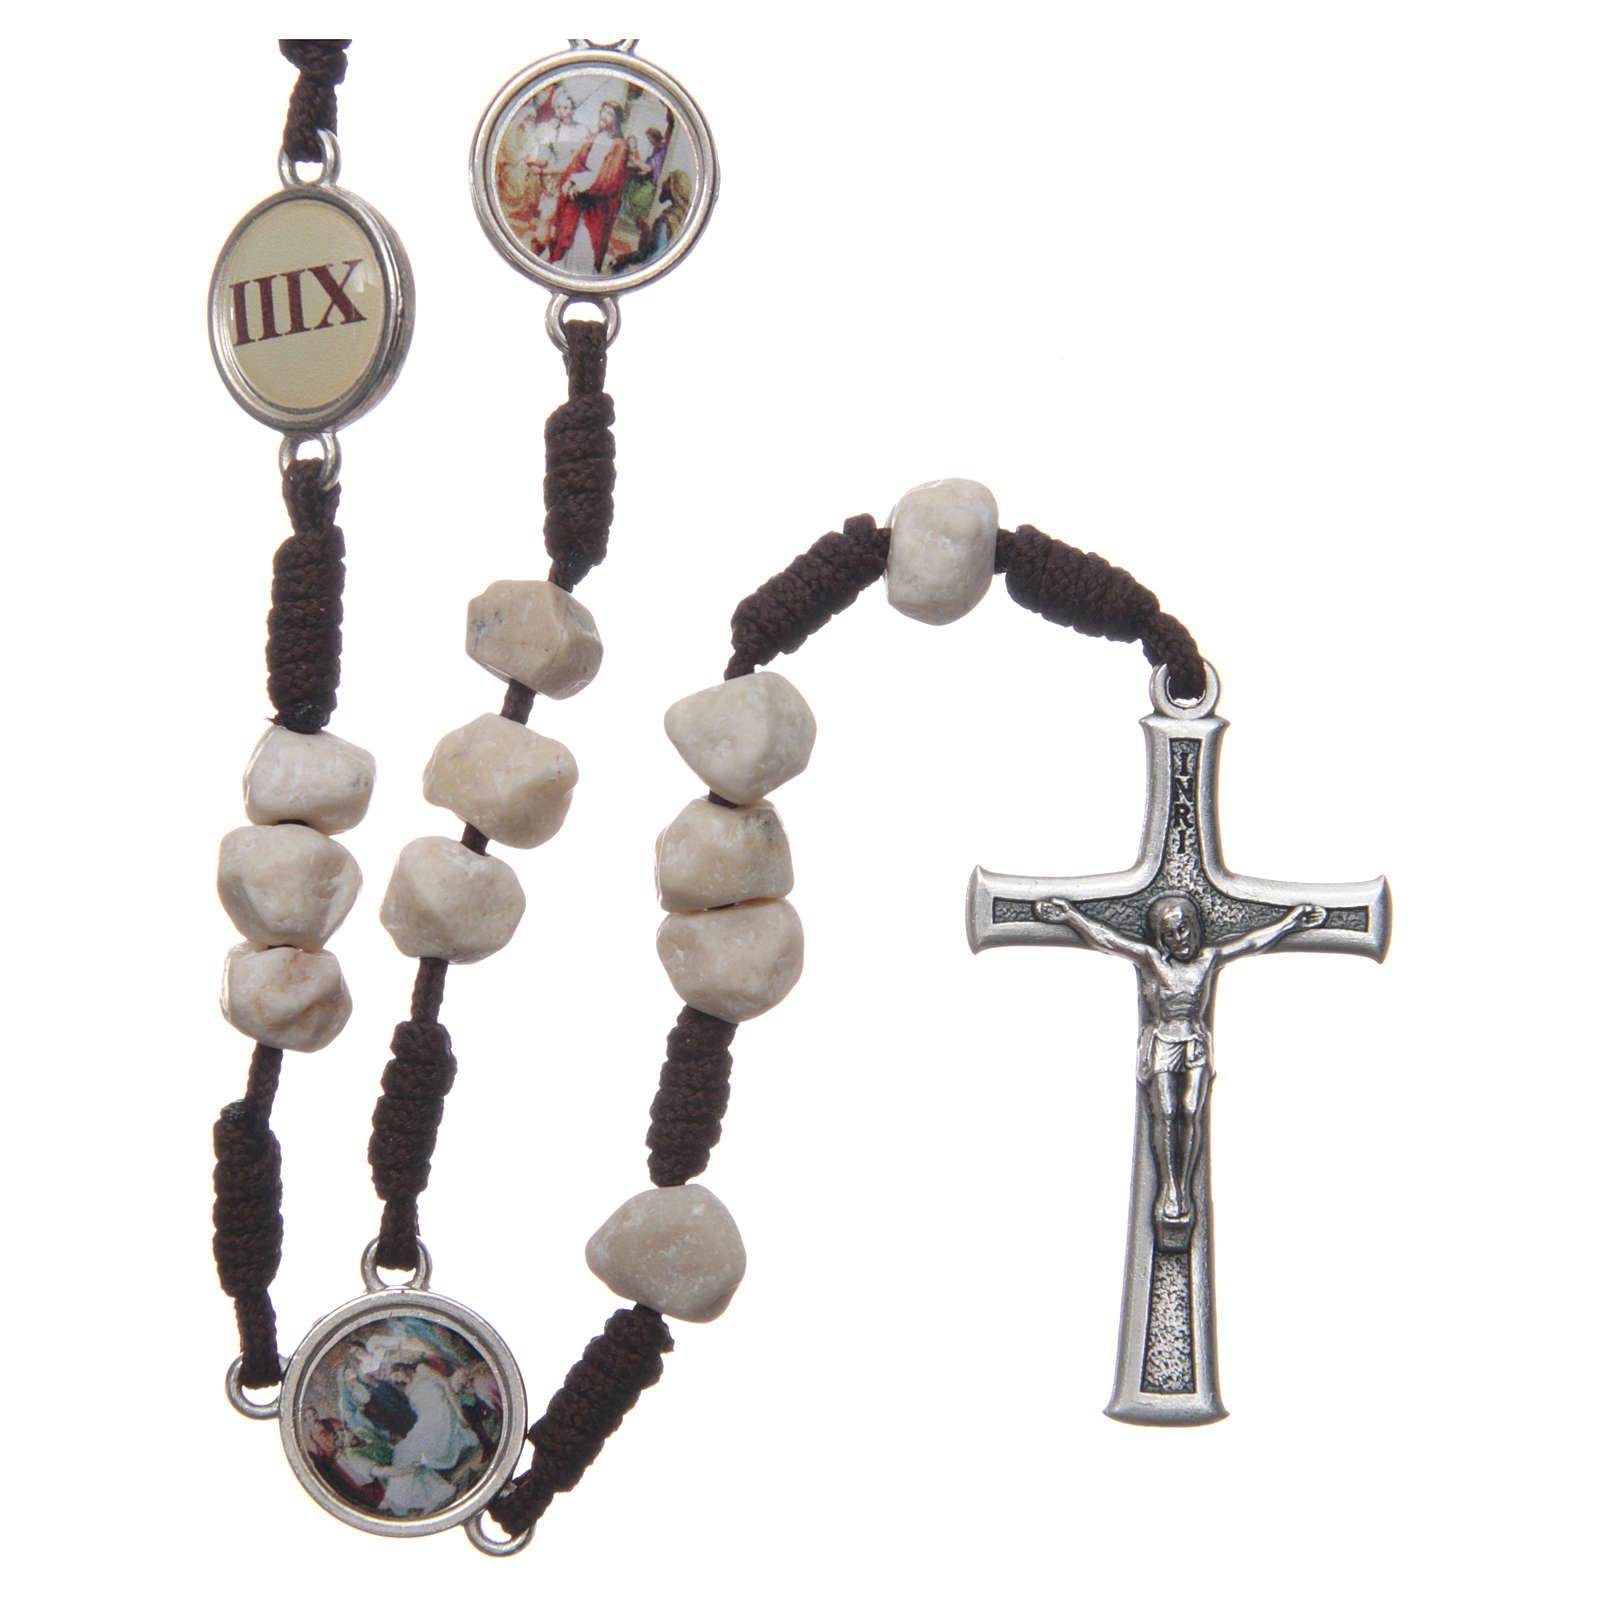 Chapelet Medjugorje Chemin de Croix grains pierre corde marron 4